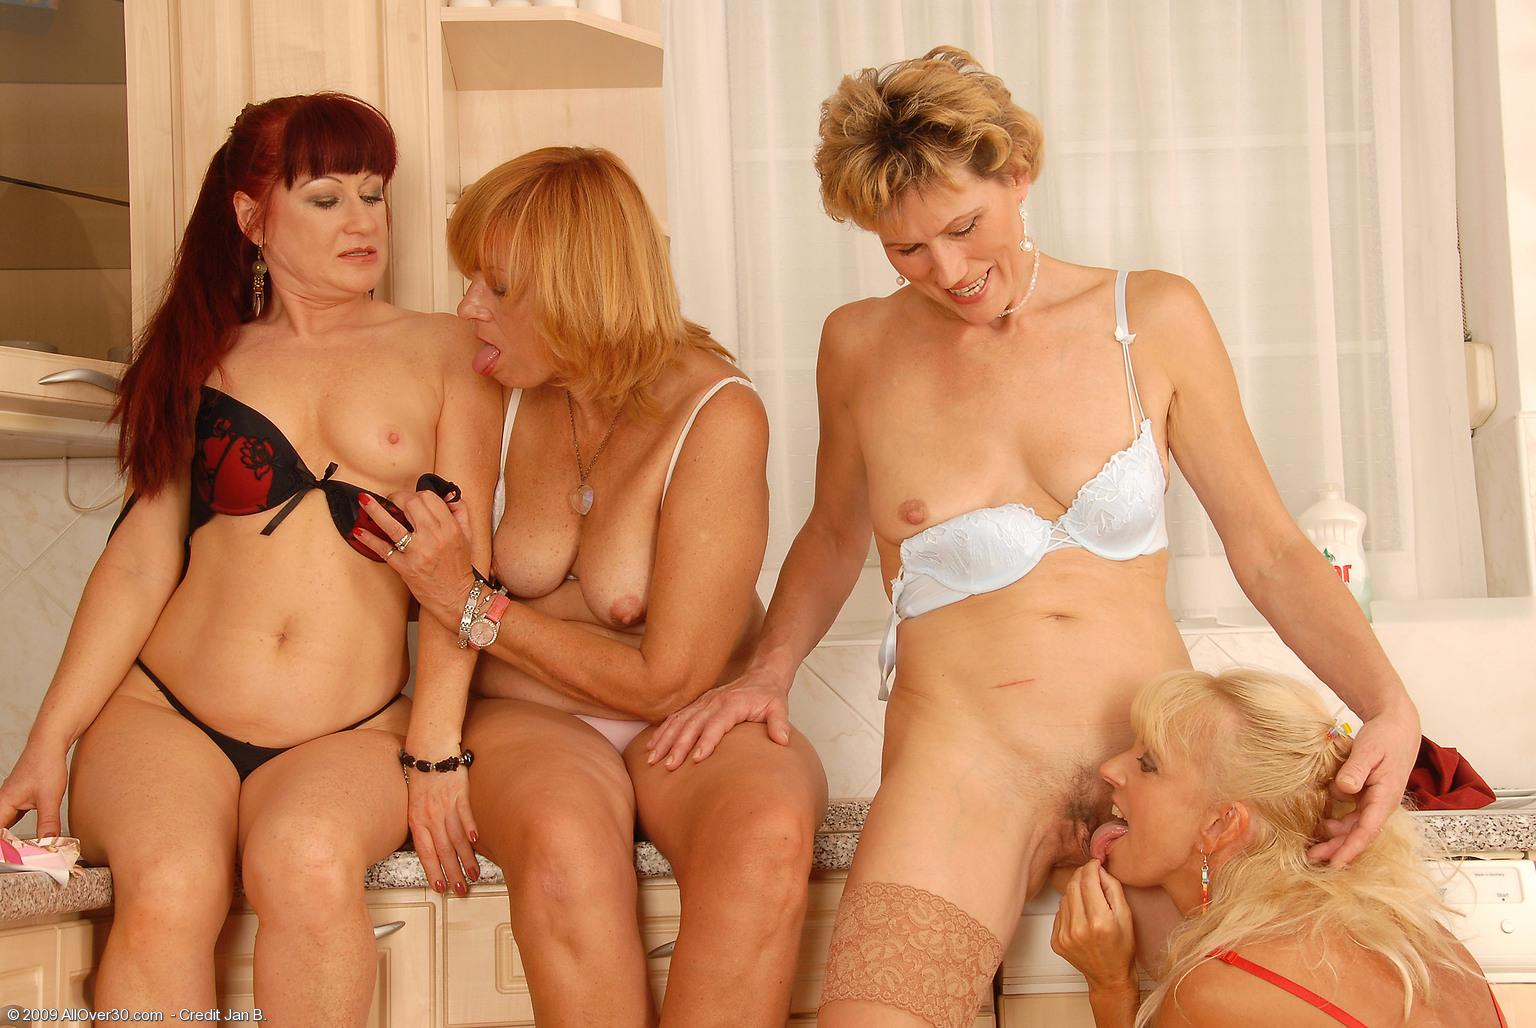 Русское порно любительское зрелые с молодыми лесбиянки 26 фотография